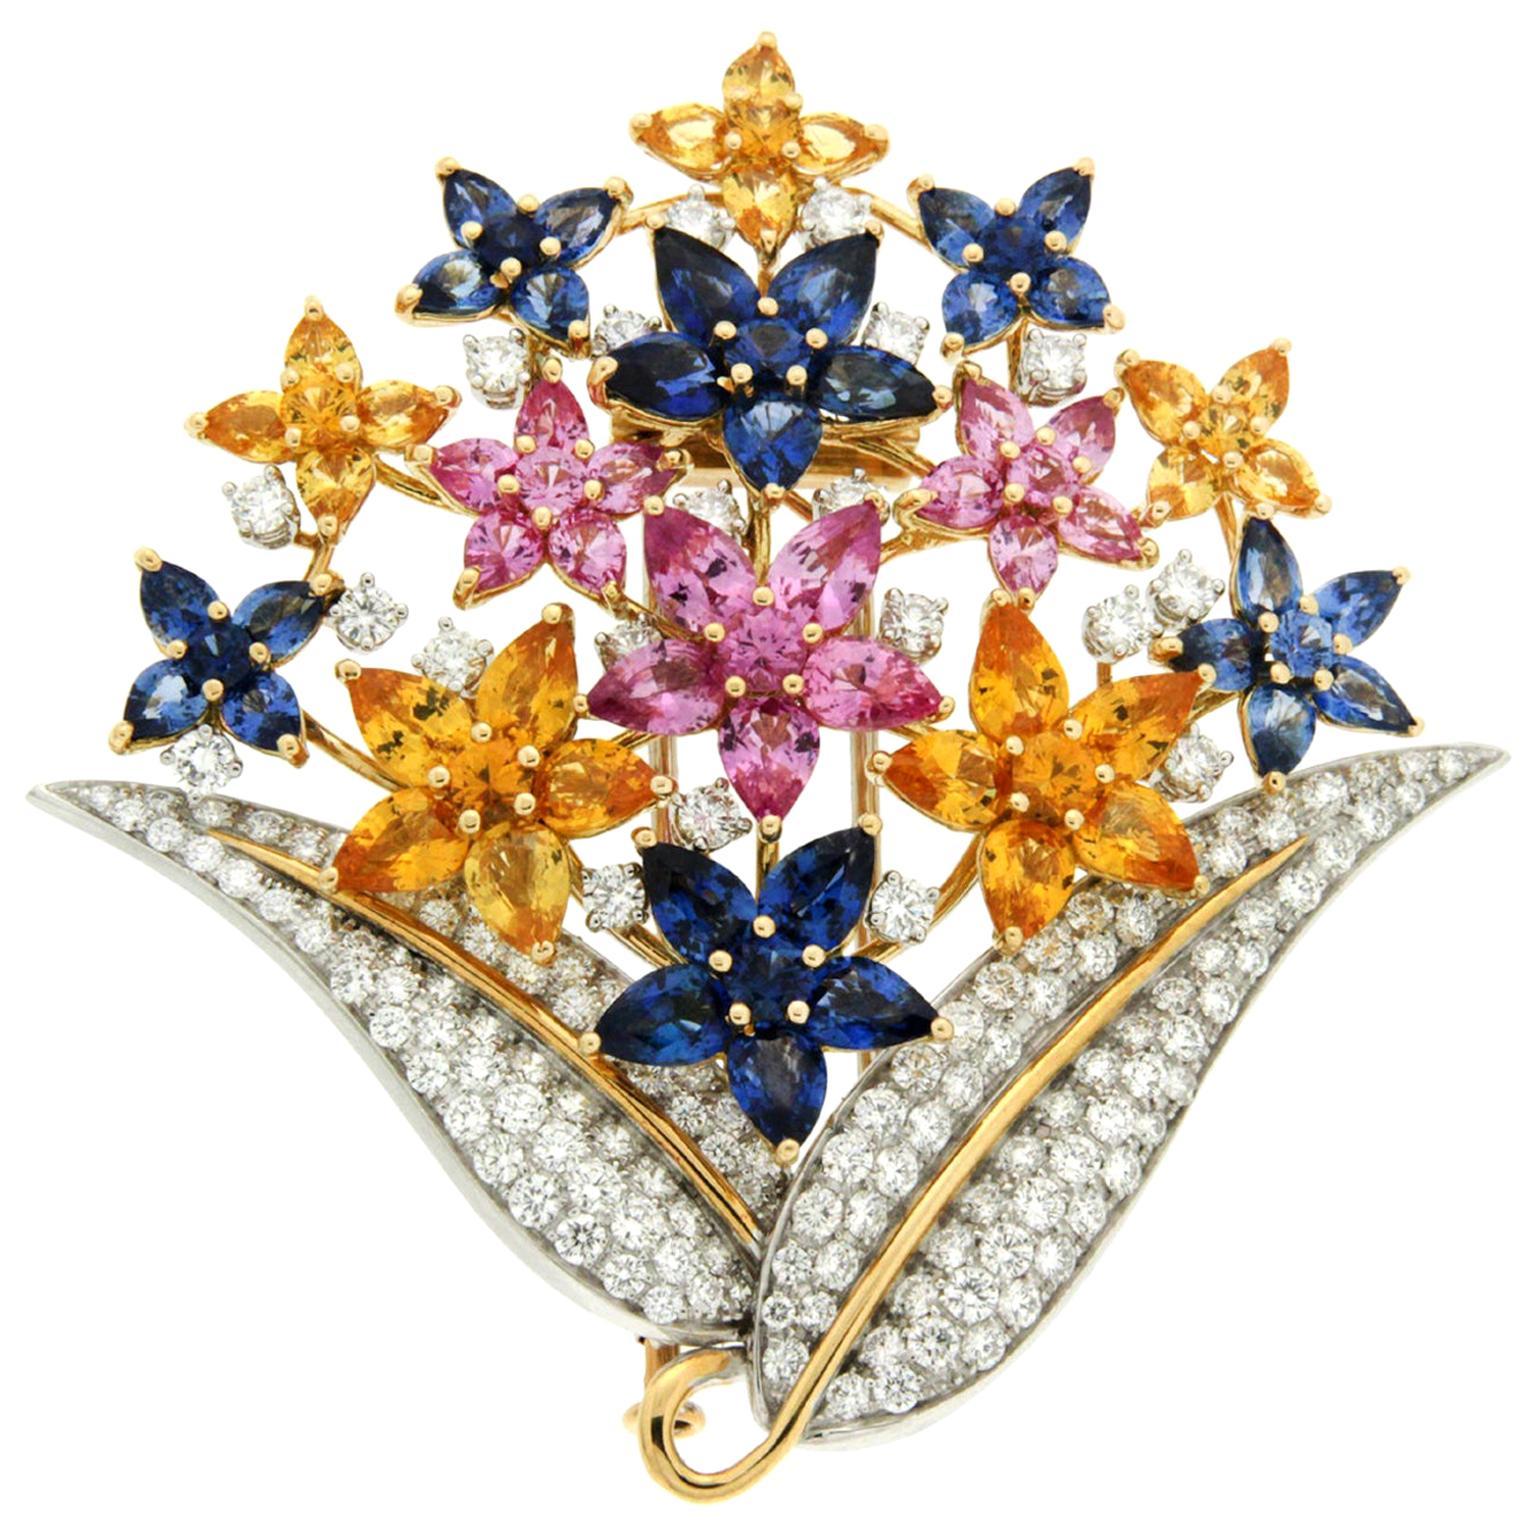 Valentin Magro Fiori di Lucia Colored Sapphires Diamond Gold Platinum Brooch